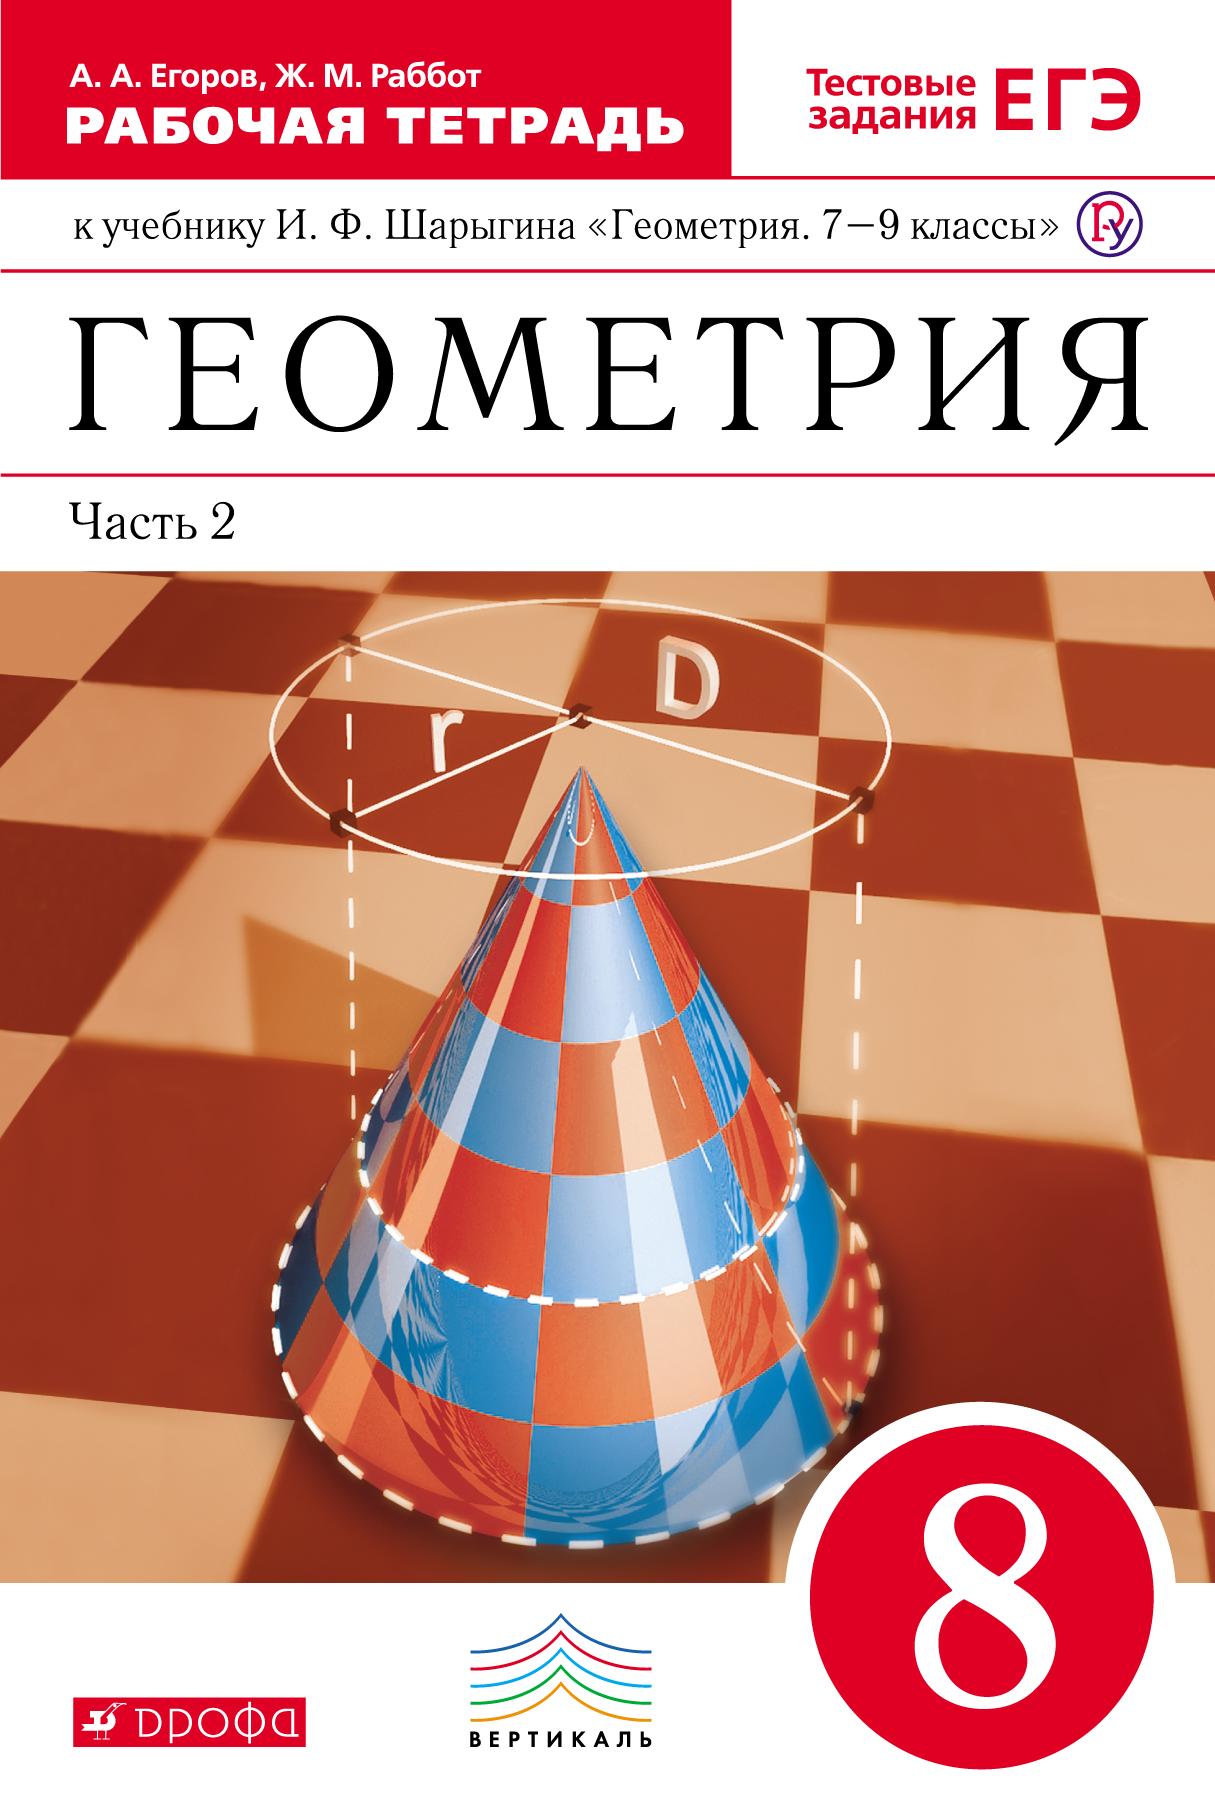 Геометрия. 8 класс. Рабочая тетрадь. Часть 2 ( Егоров А.А., Раббот Ж.М., Шарыгин И.Ф.  )